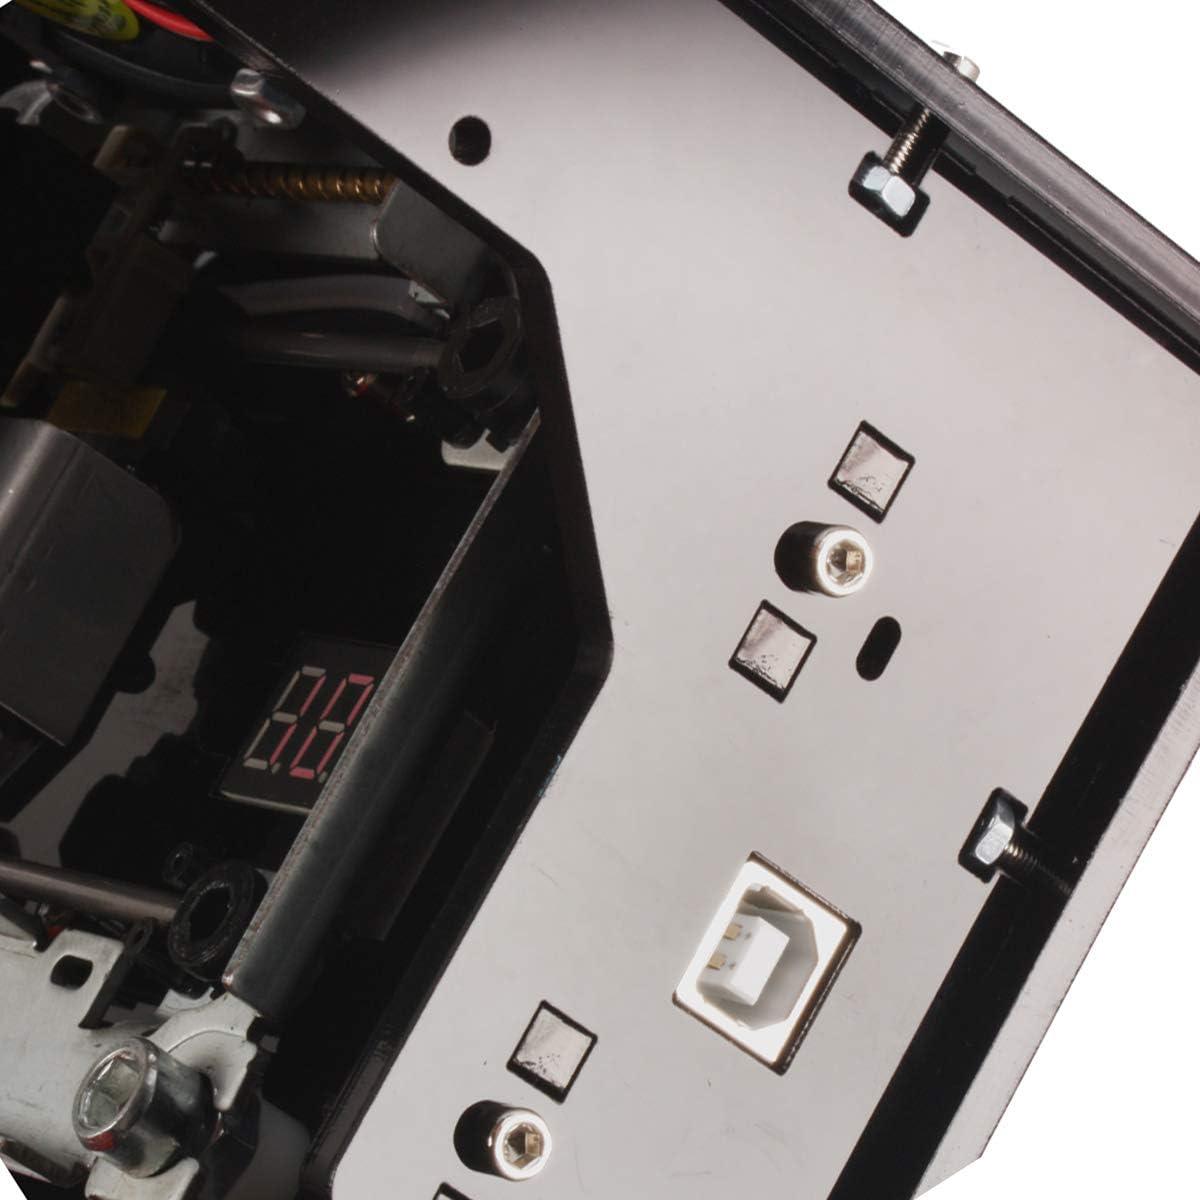 Baugger Diy Graviermaschine Dk-Bl 3000Mw Lasergravierer 450Nm Smart Ai Mini Graviermaschine Wireless Bt Print Engraver Bt 4.0 f/ür Ios//Android-Verbindung